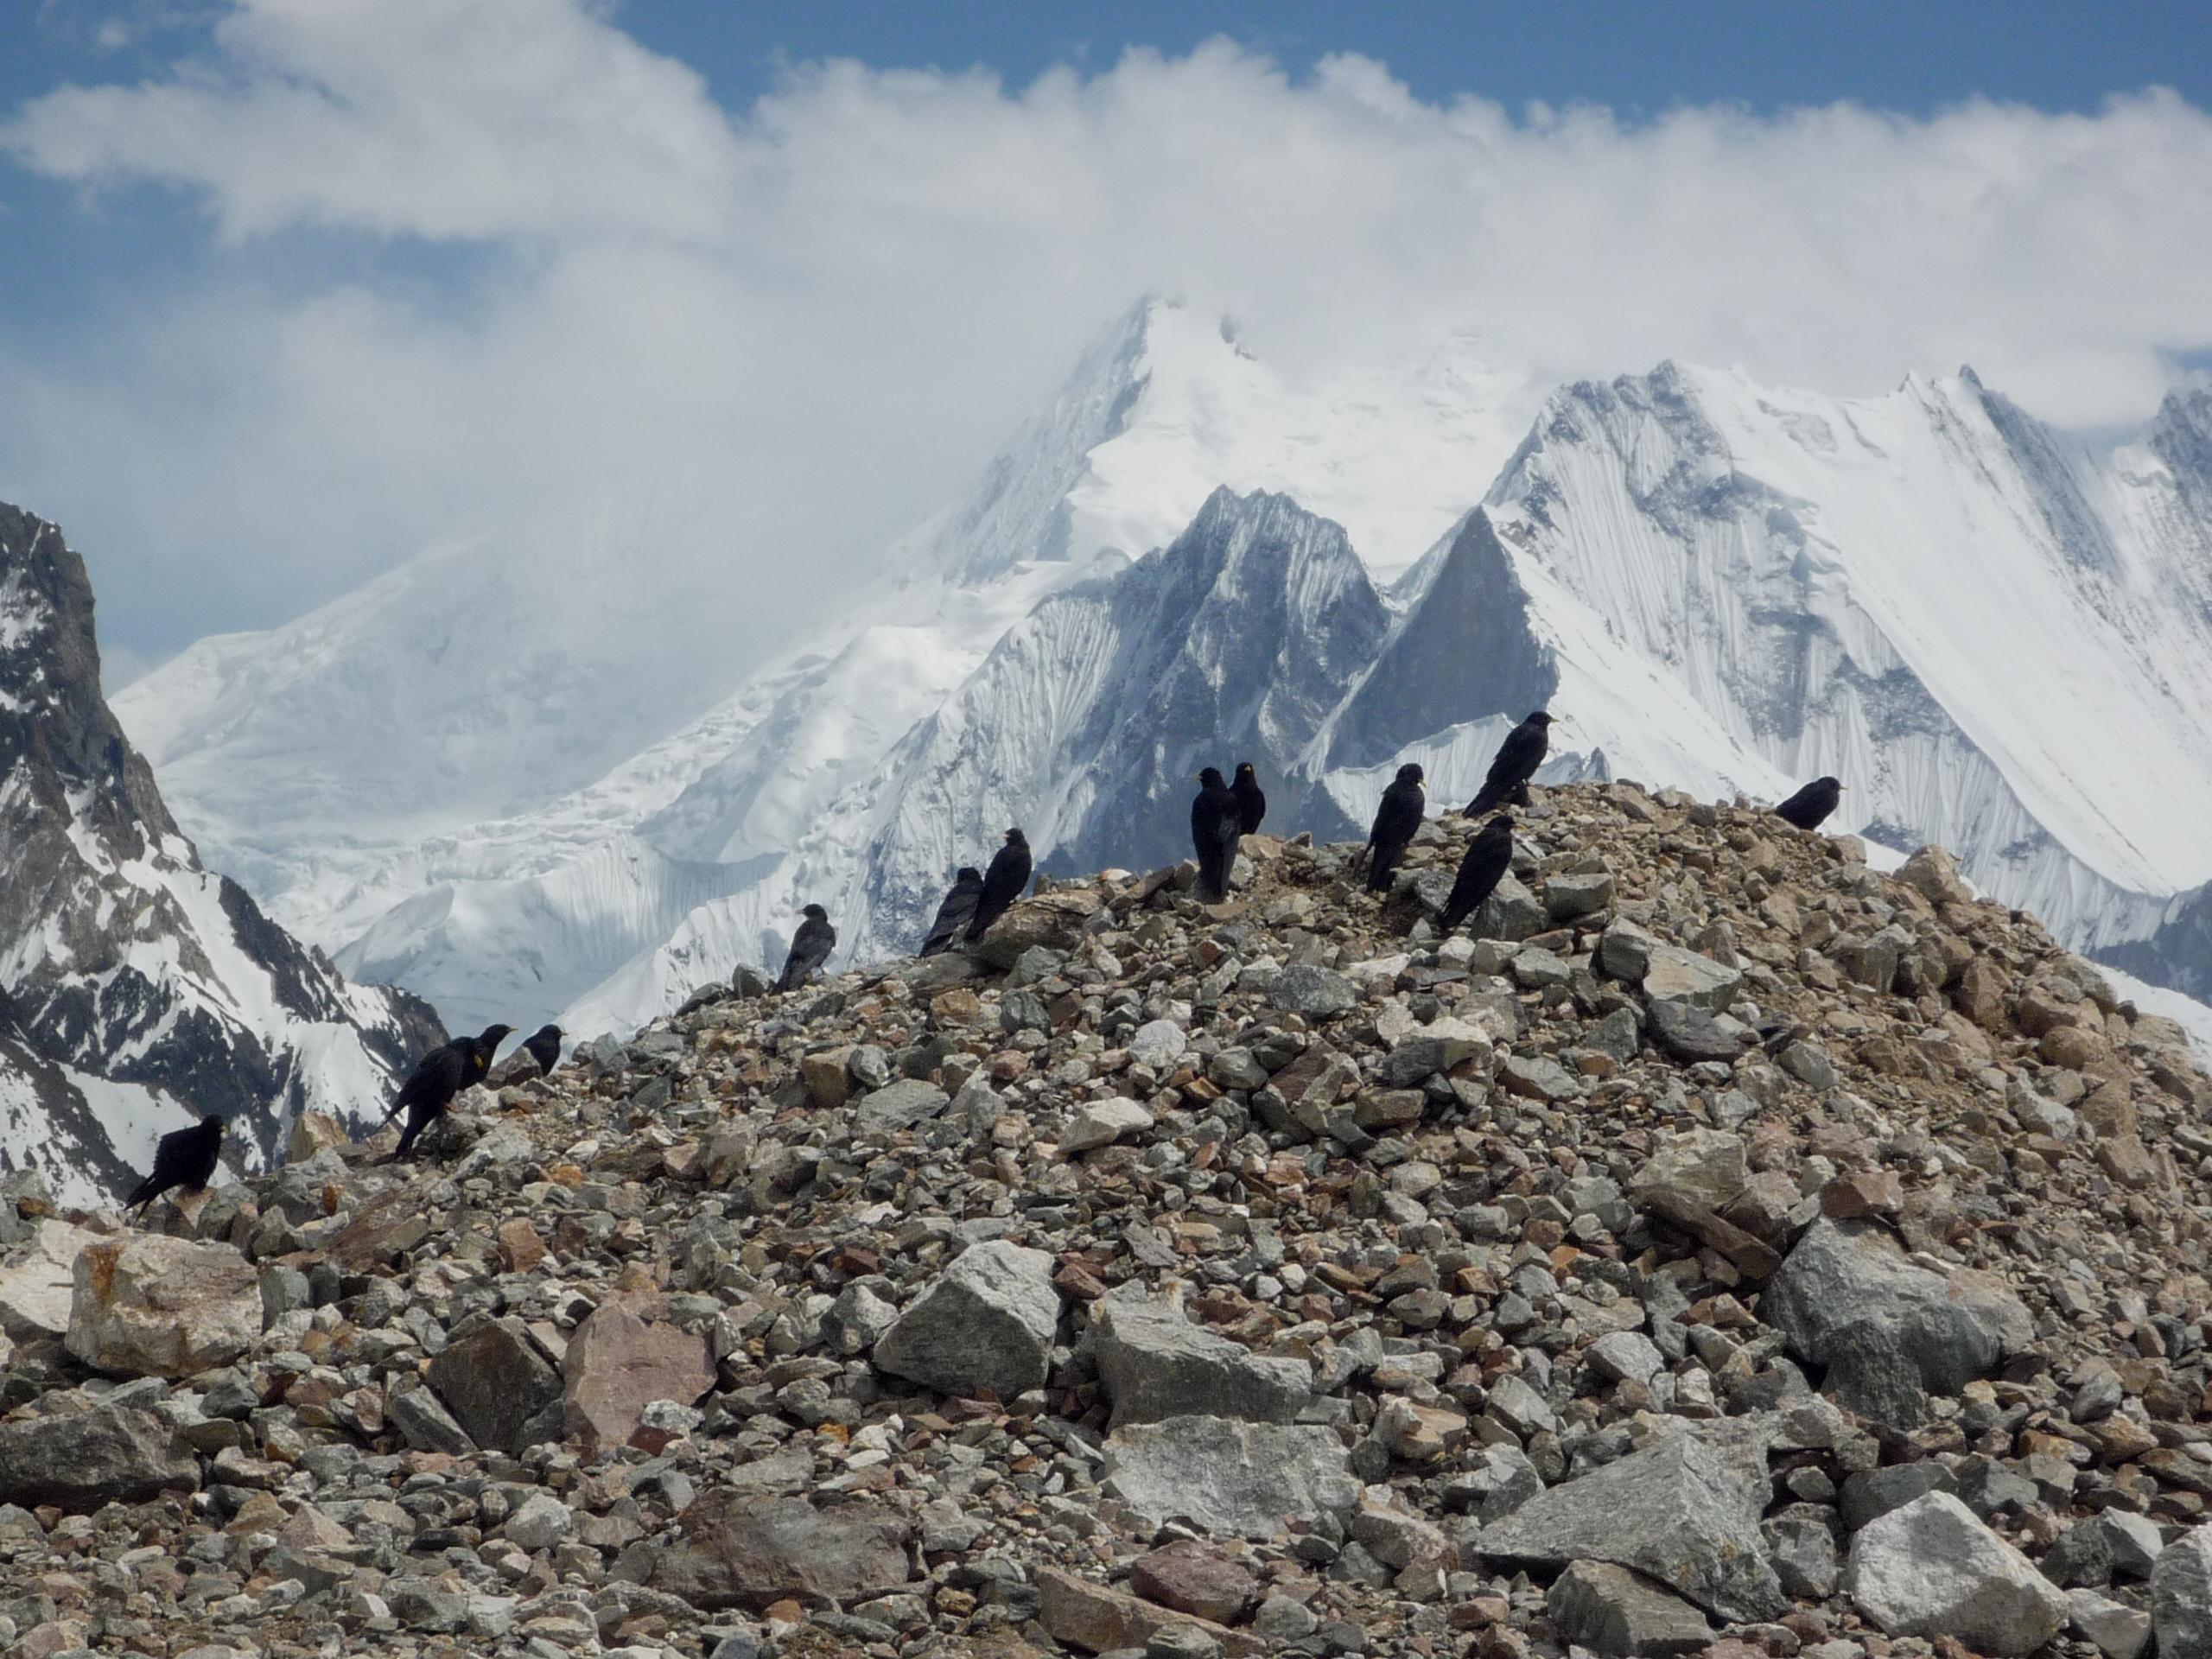 Chovas piquigualdas en el campo base del Broad Peak (Imagen: Ander Izagirre)